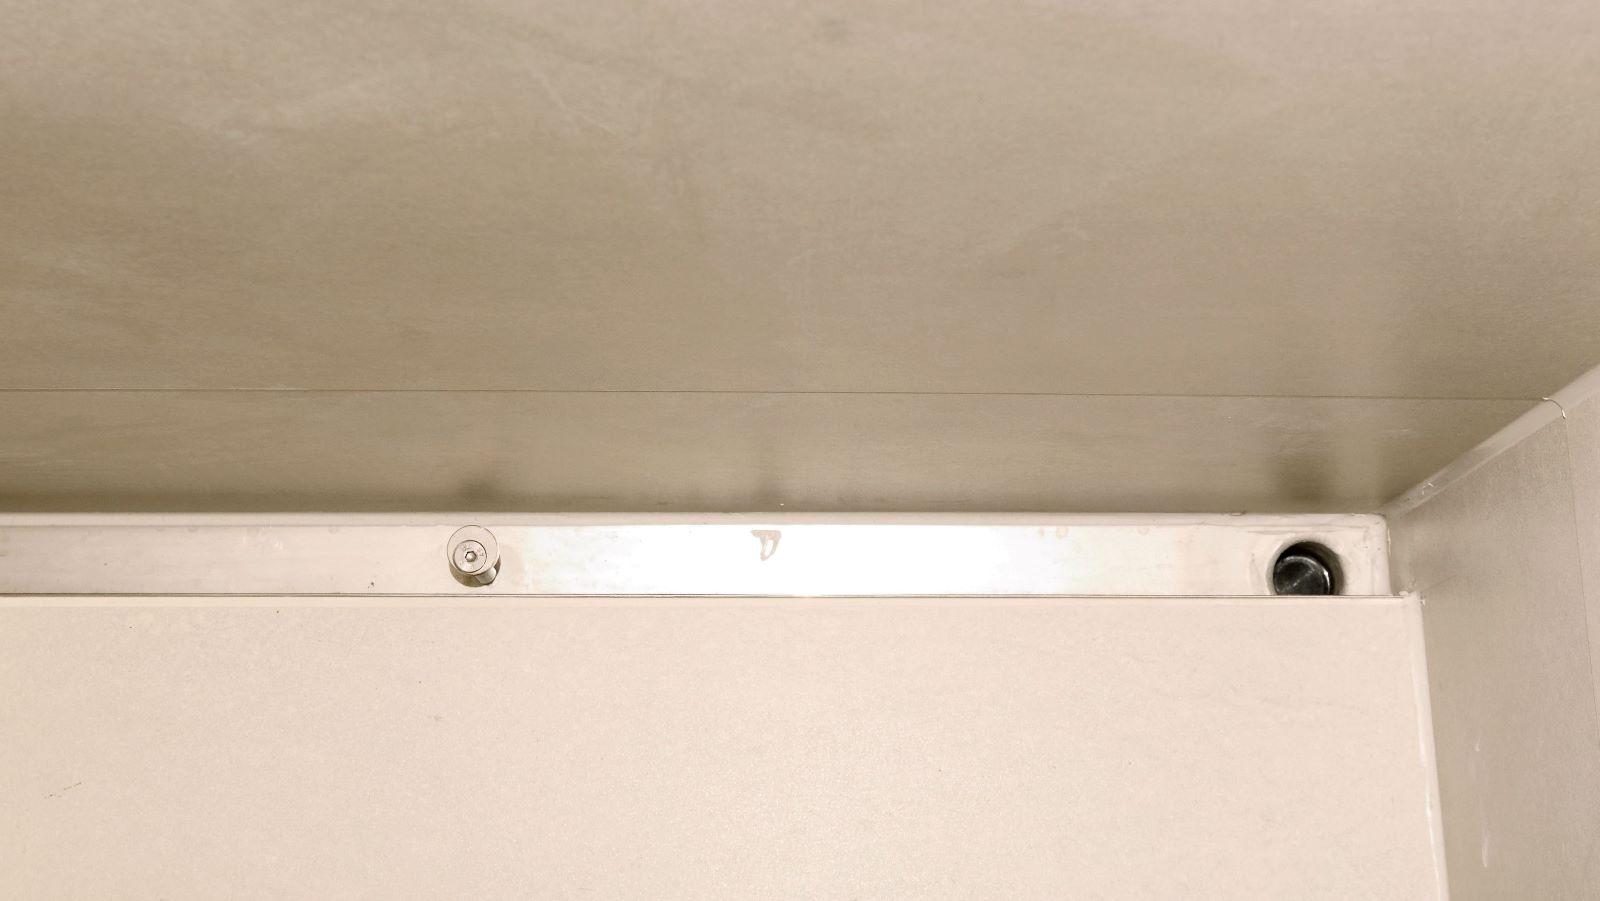 Auf dem bild zu sehen ist die extra lange v4a edelstahl-duschrinne pro wandbuendig montiert in einer Reihendusche im Sanitaerbereich. Durch die leicht abzunehmende v4a edelstahl-abdeckung ist sie schnell und hygienisch zu reinigen. Kein Haarsieb ist notwendig. Ein starker duschstrahl reicht fuer die einfache reinigung. Gerade im oeffentlichen oder gewerblichen bereich ist diese hygienische reinigung fuer die reinigungskraefte sehr angenehm.